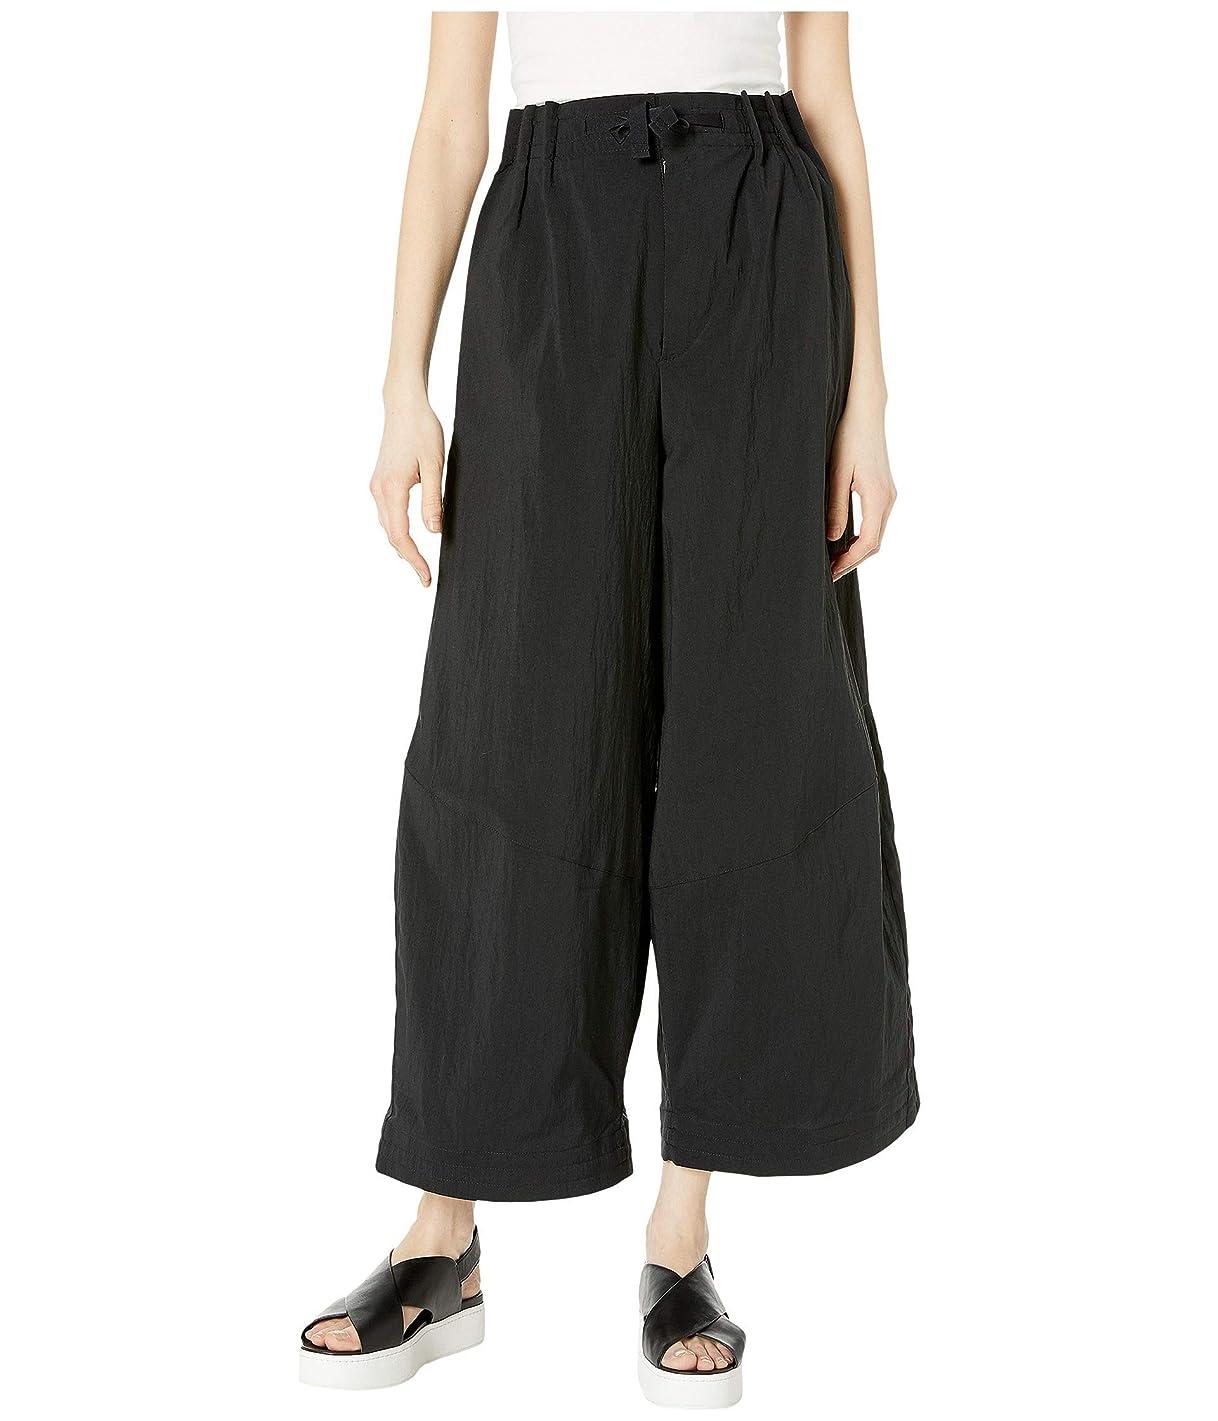 磁石自信がある真向こう[adidas(アディダス)] レディースパンツ?ジャージ?レギンス Nylon Twill Wide Pants Black XS [並行輸入品]